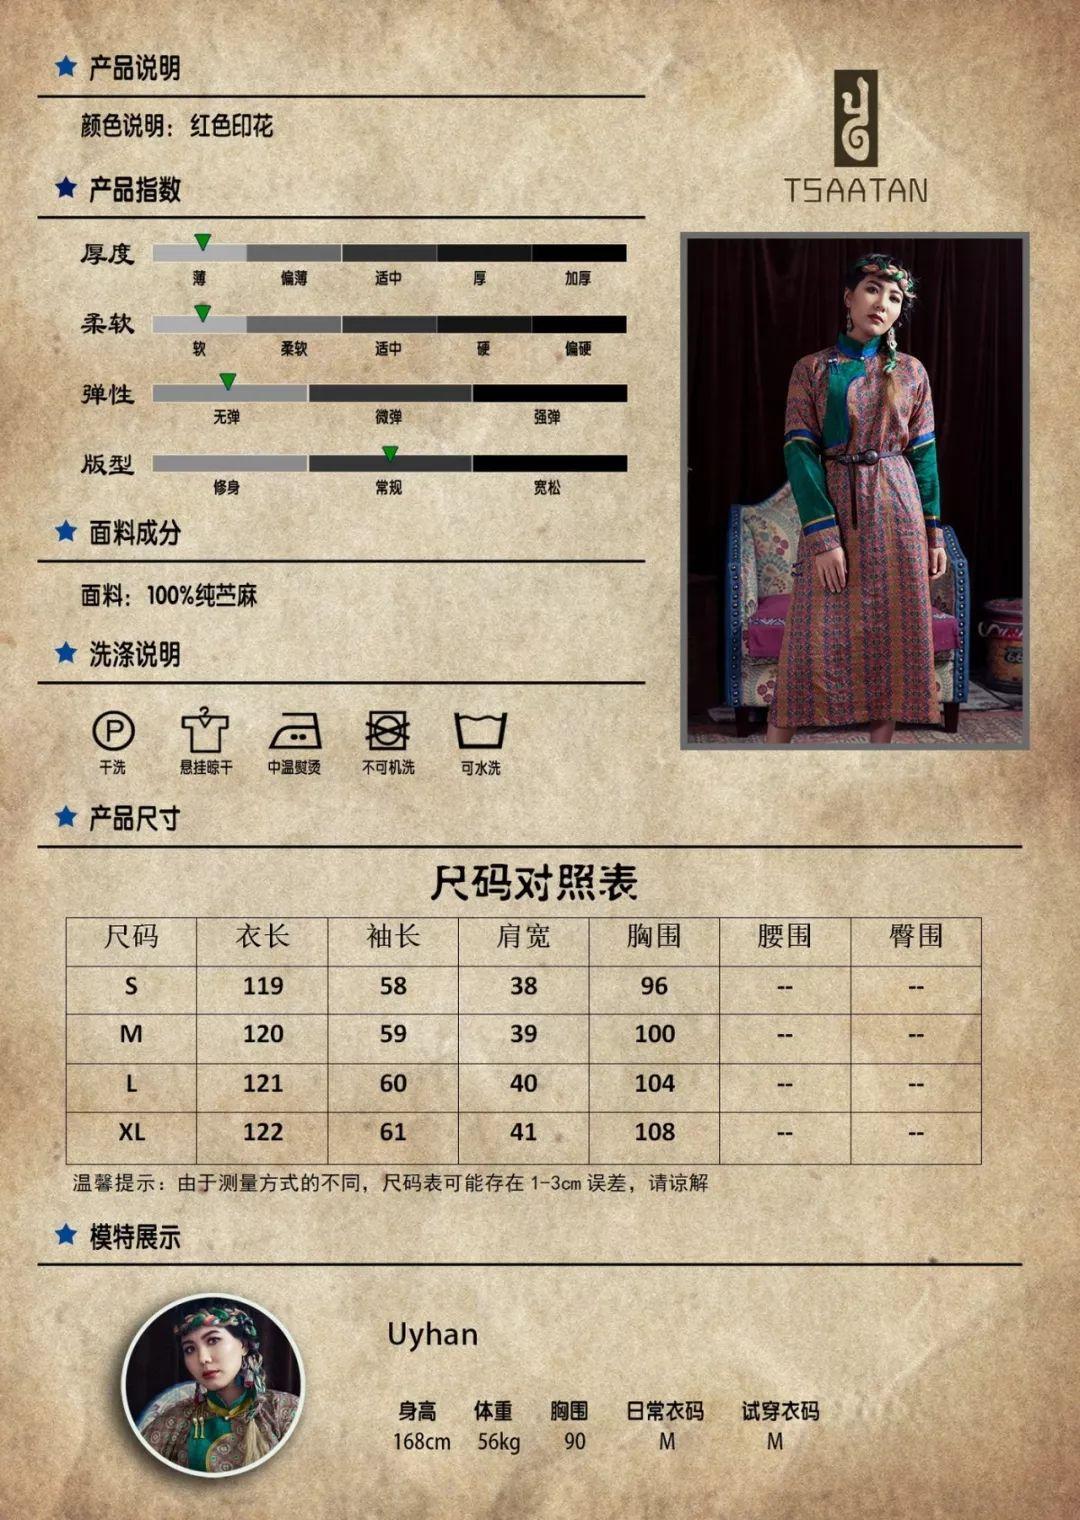 TSAATAN蒙古时装 2019新款,来自驯鹿人的独特魅力! 第98张